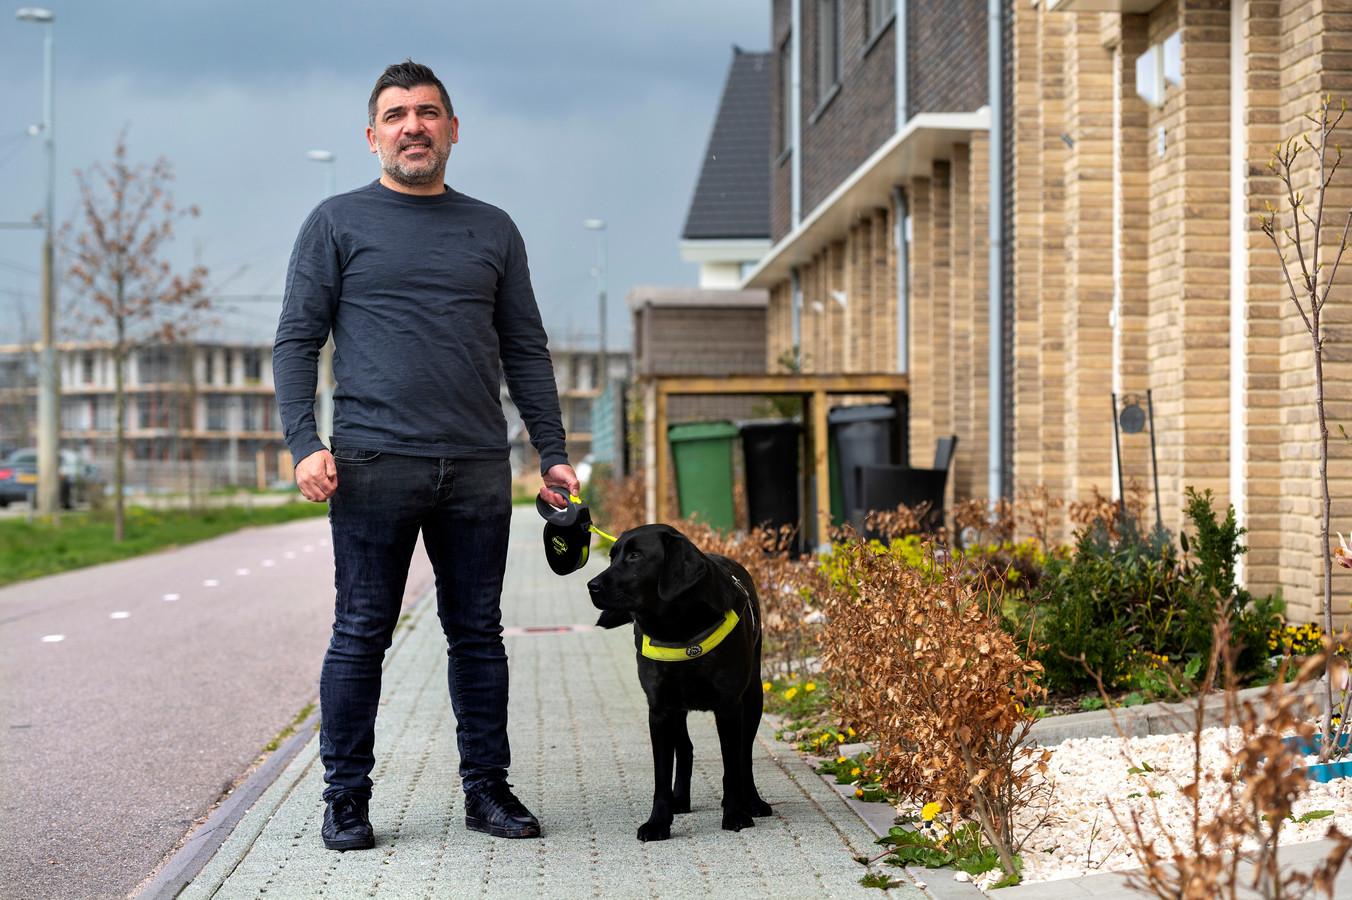 Turhan Günes is slechtziend en krijgt toch nog ondersteuning bij het trainen van een  blindegeleidehond.